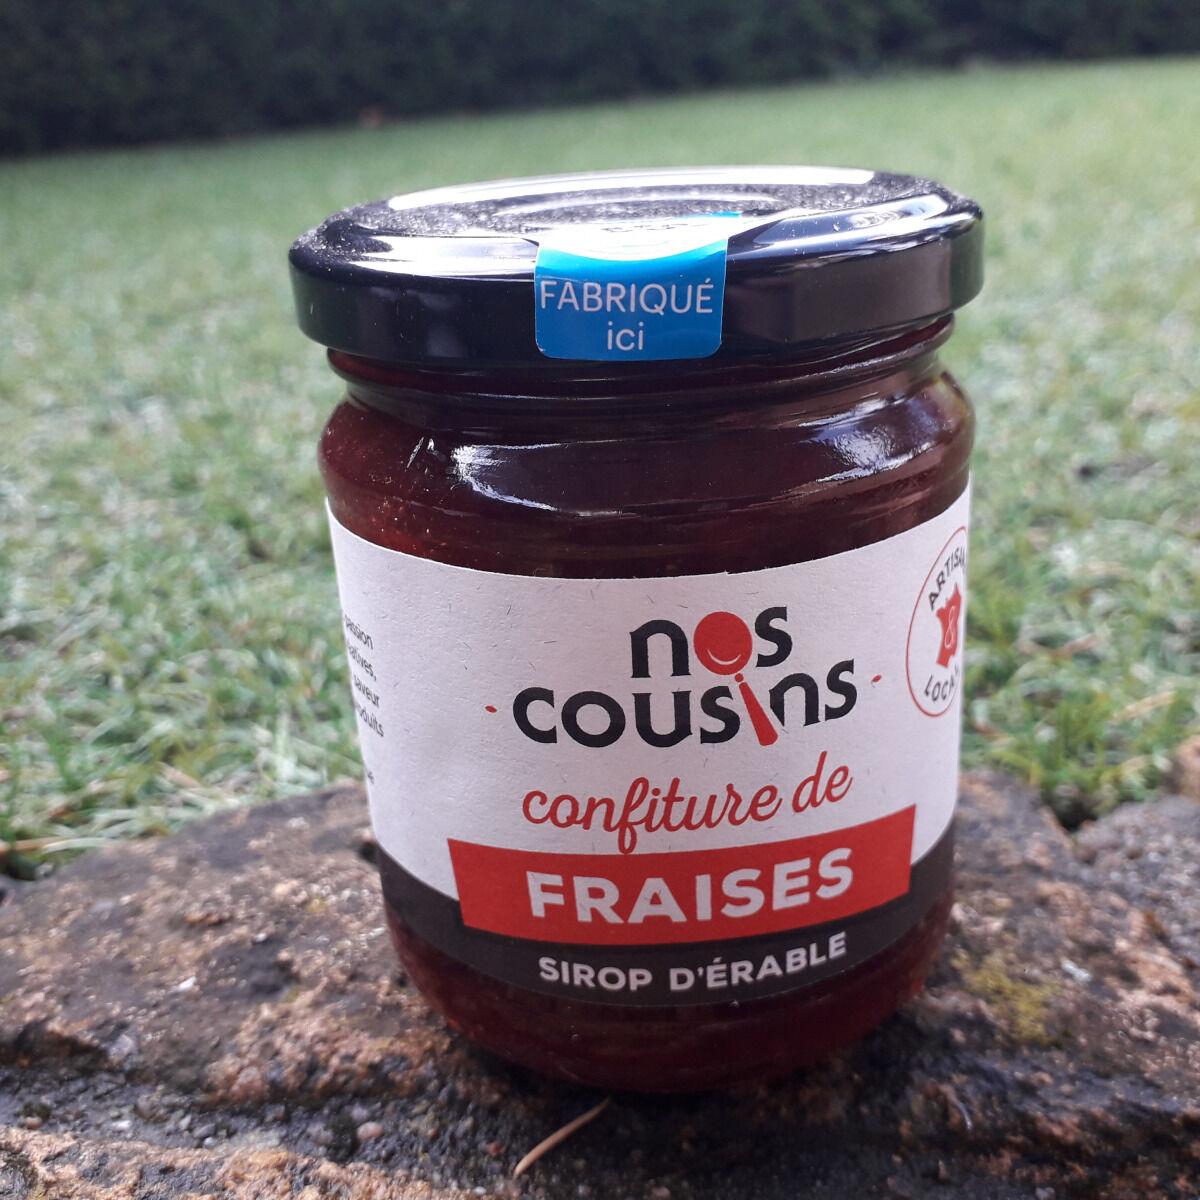 Nos cousins Conserverie Confiture De Fraise - Sirop D'érable 240g